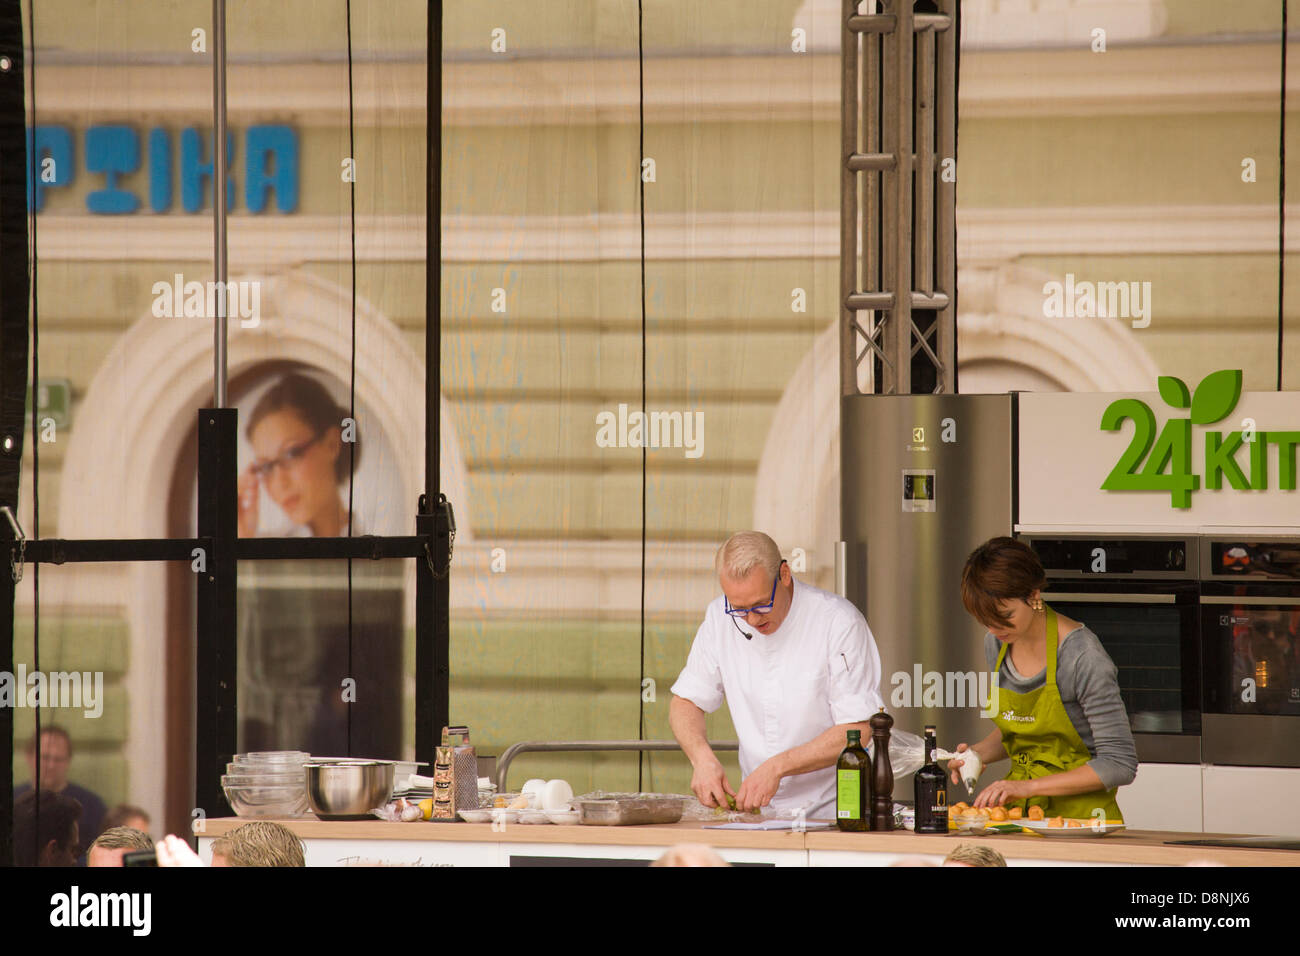 Ljubljana, Slovenia. 1st June, 2013. Celebrity chef Rudolph van Veen cooks for a crowd in Kongresni Trg, Ljubljana, - Stock Image